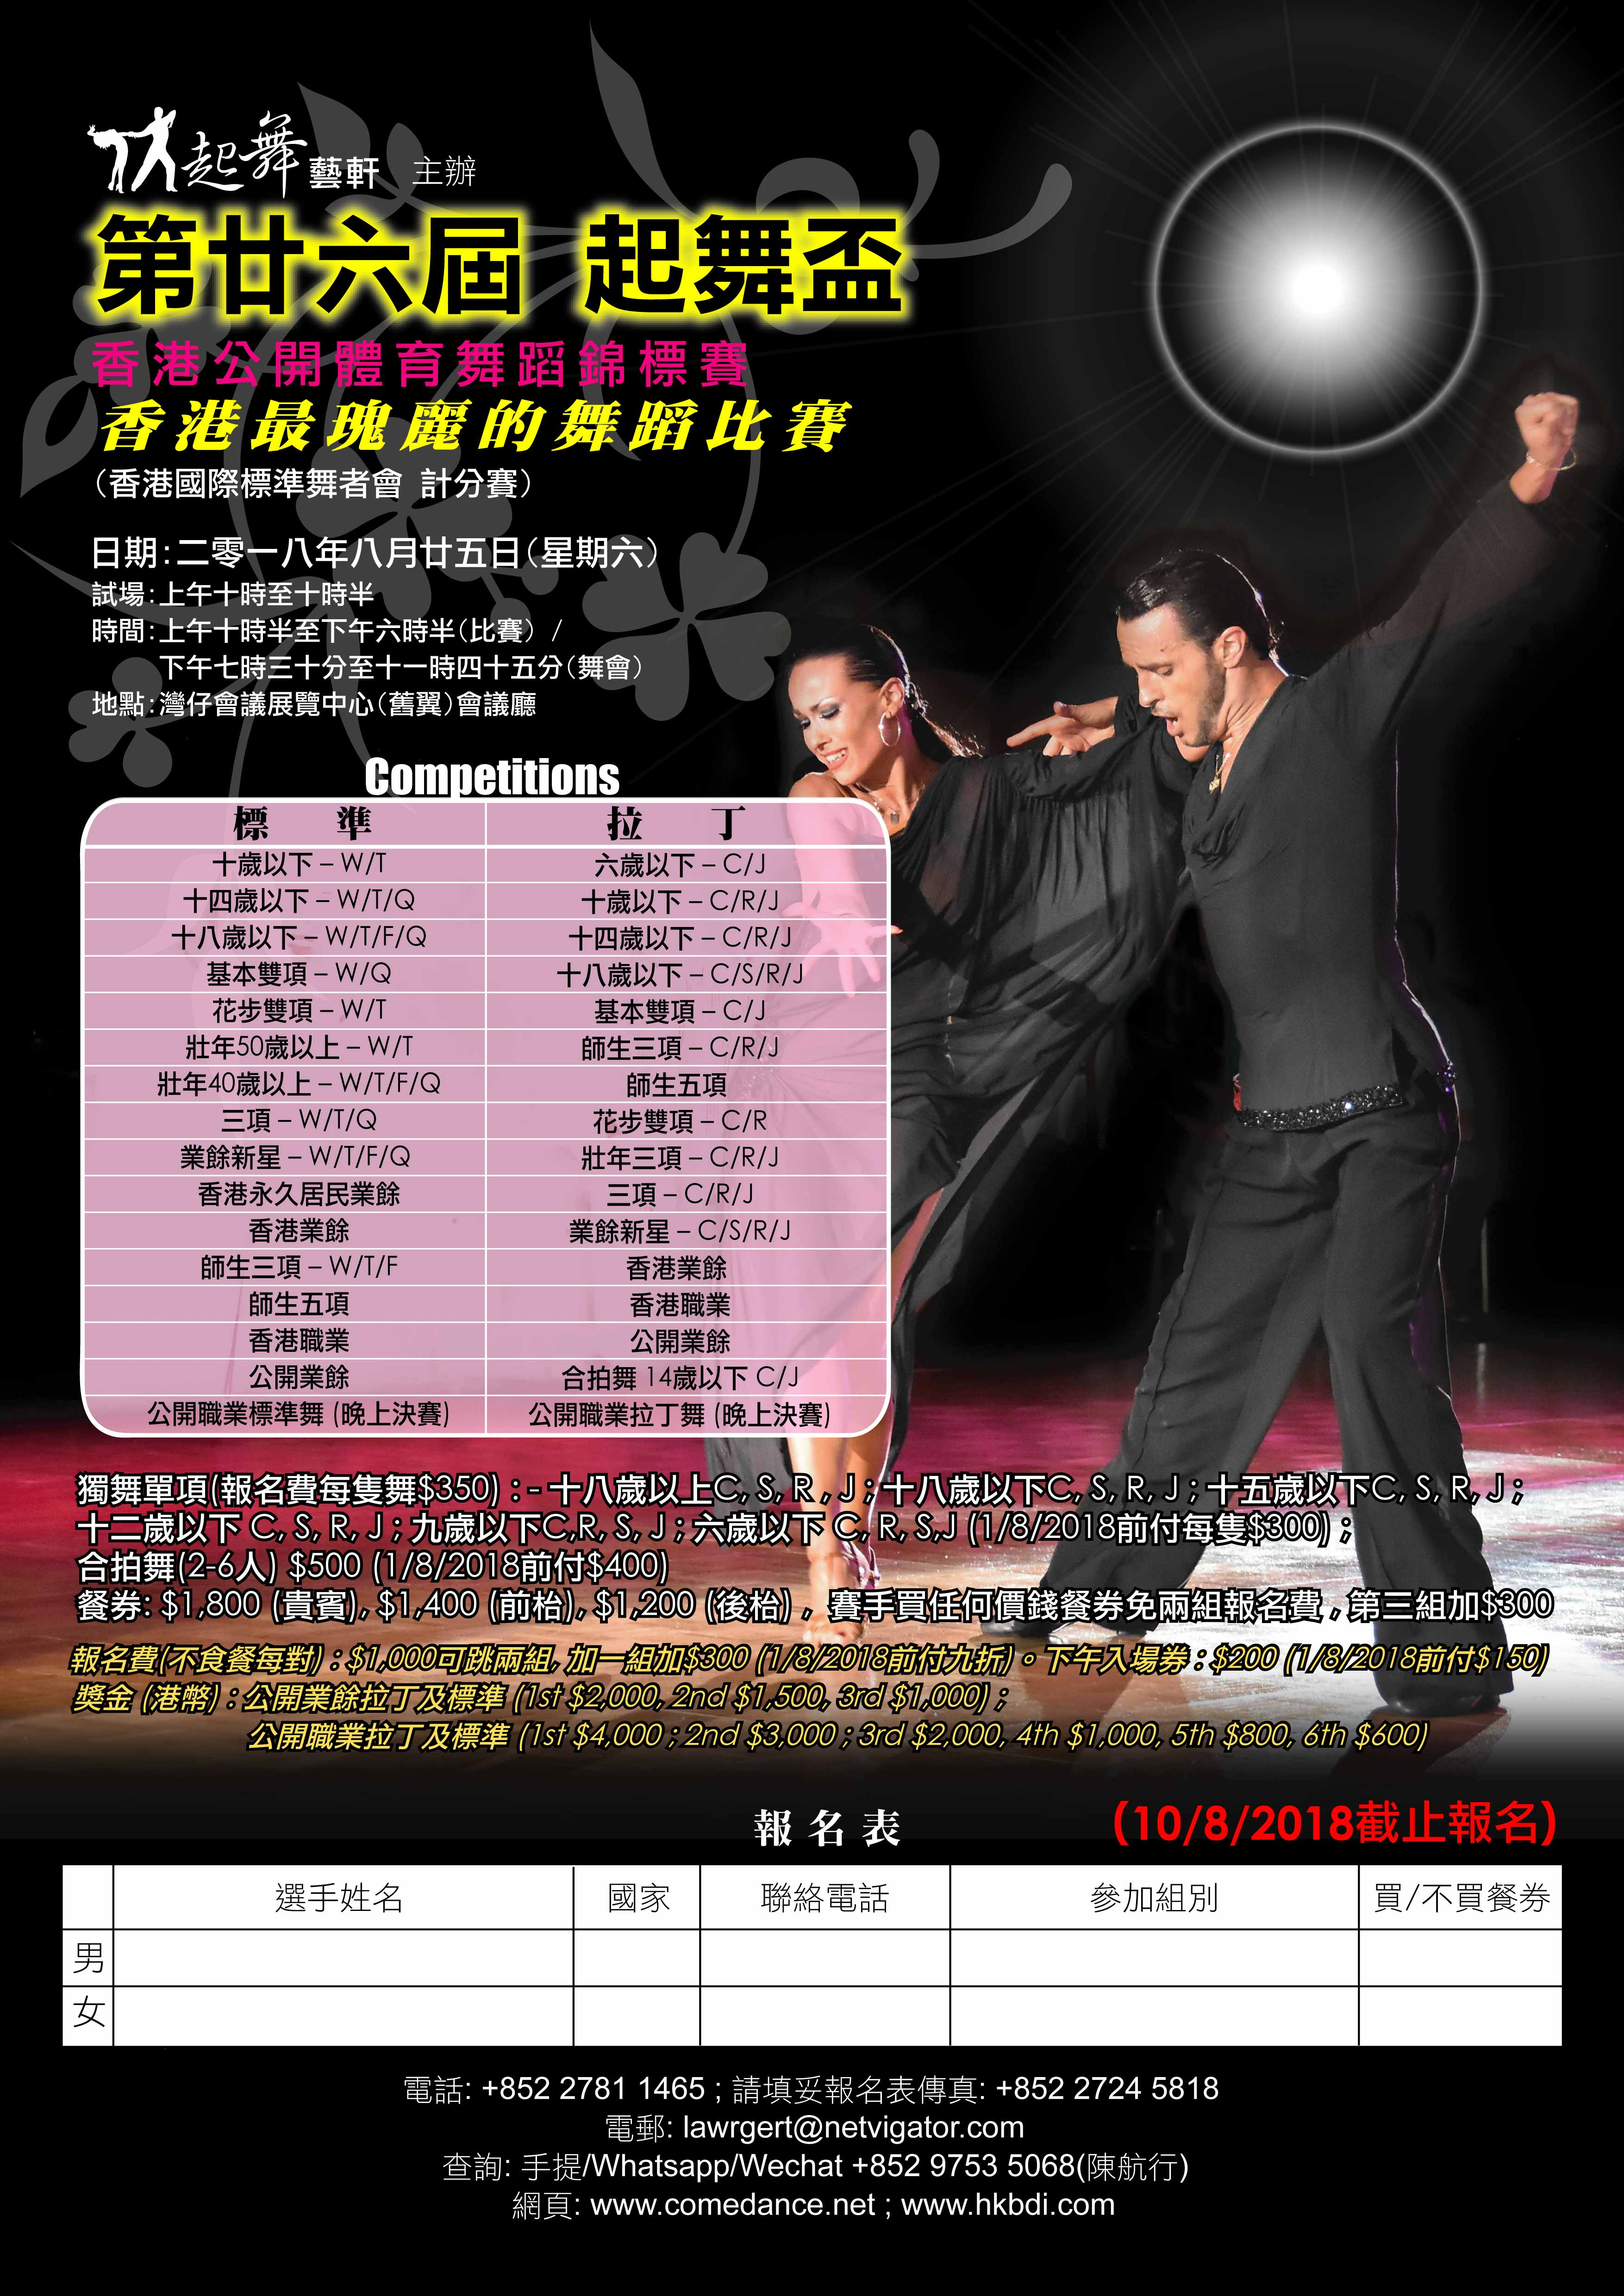 第廿六屆起舞盃香港公開體育舞蹈錦標賽